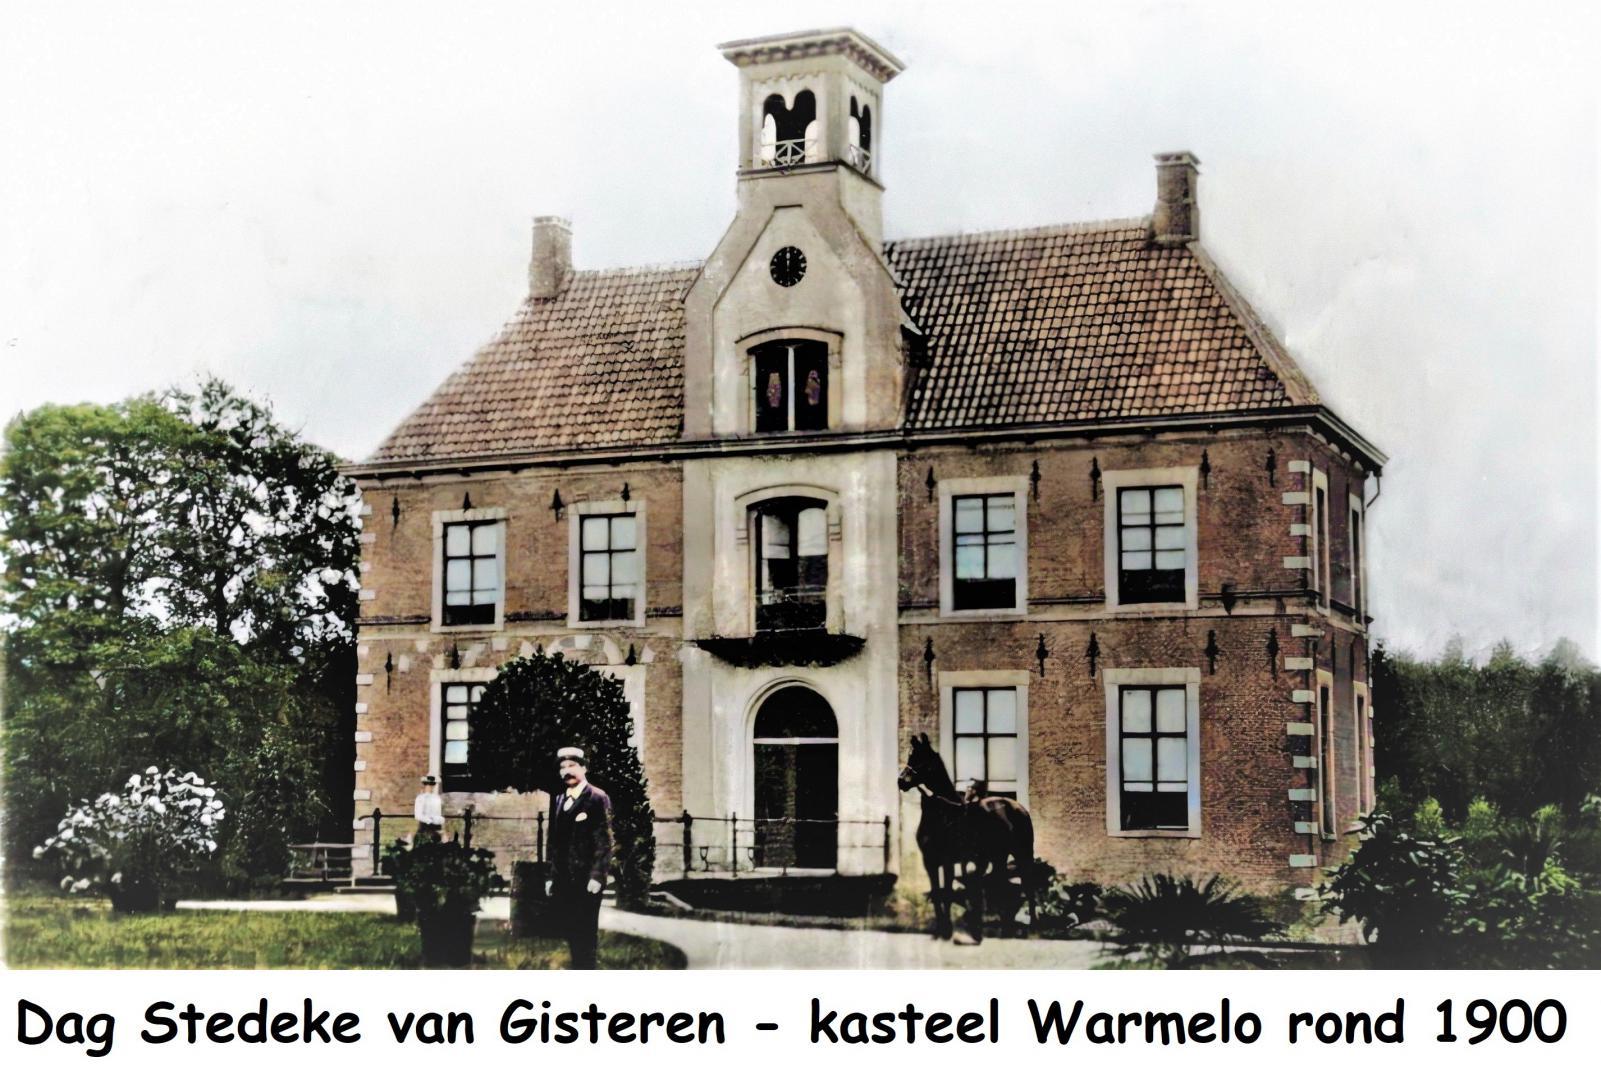 Kasteel Warmelo